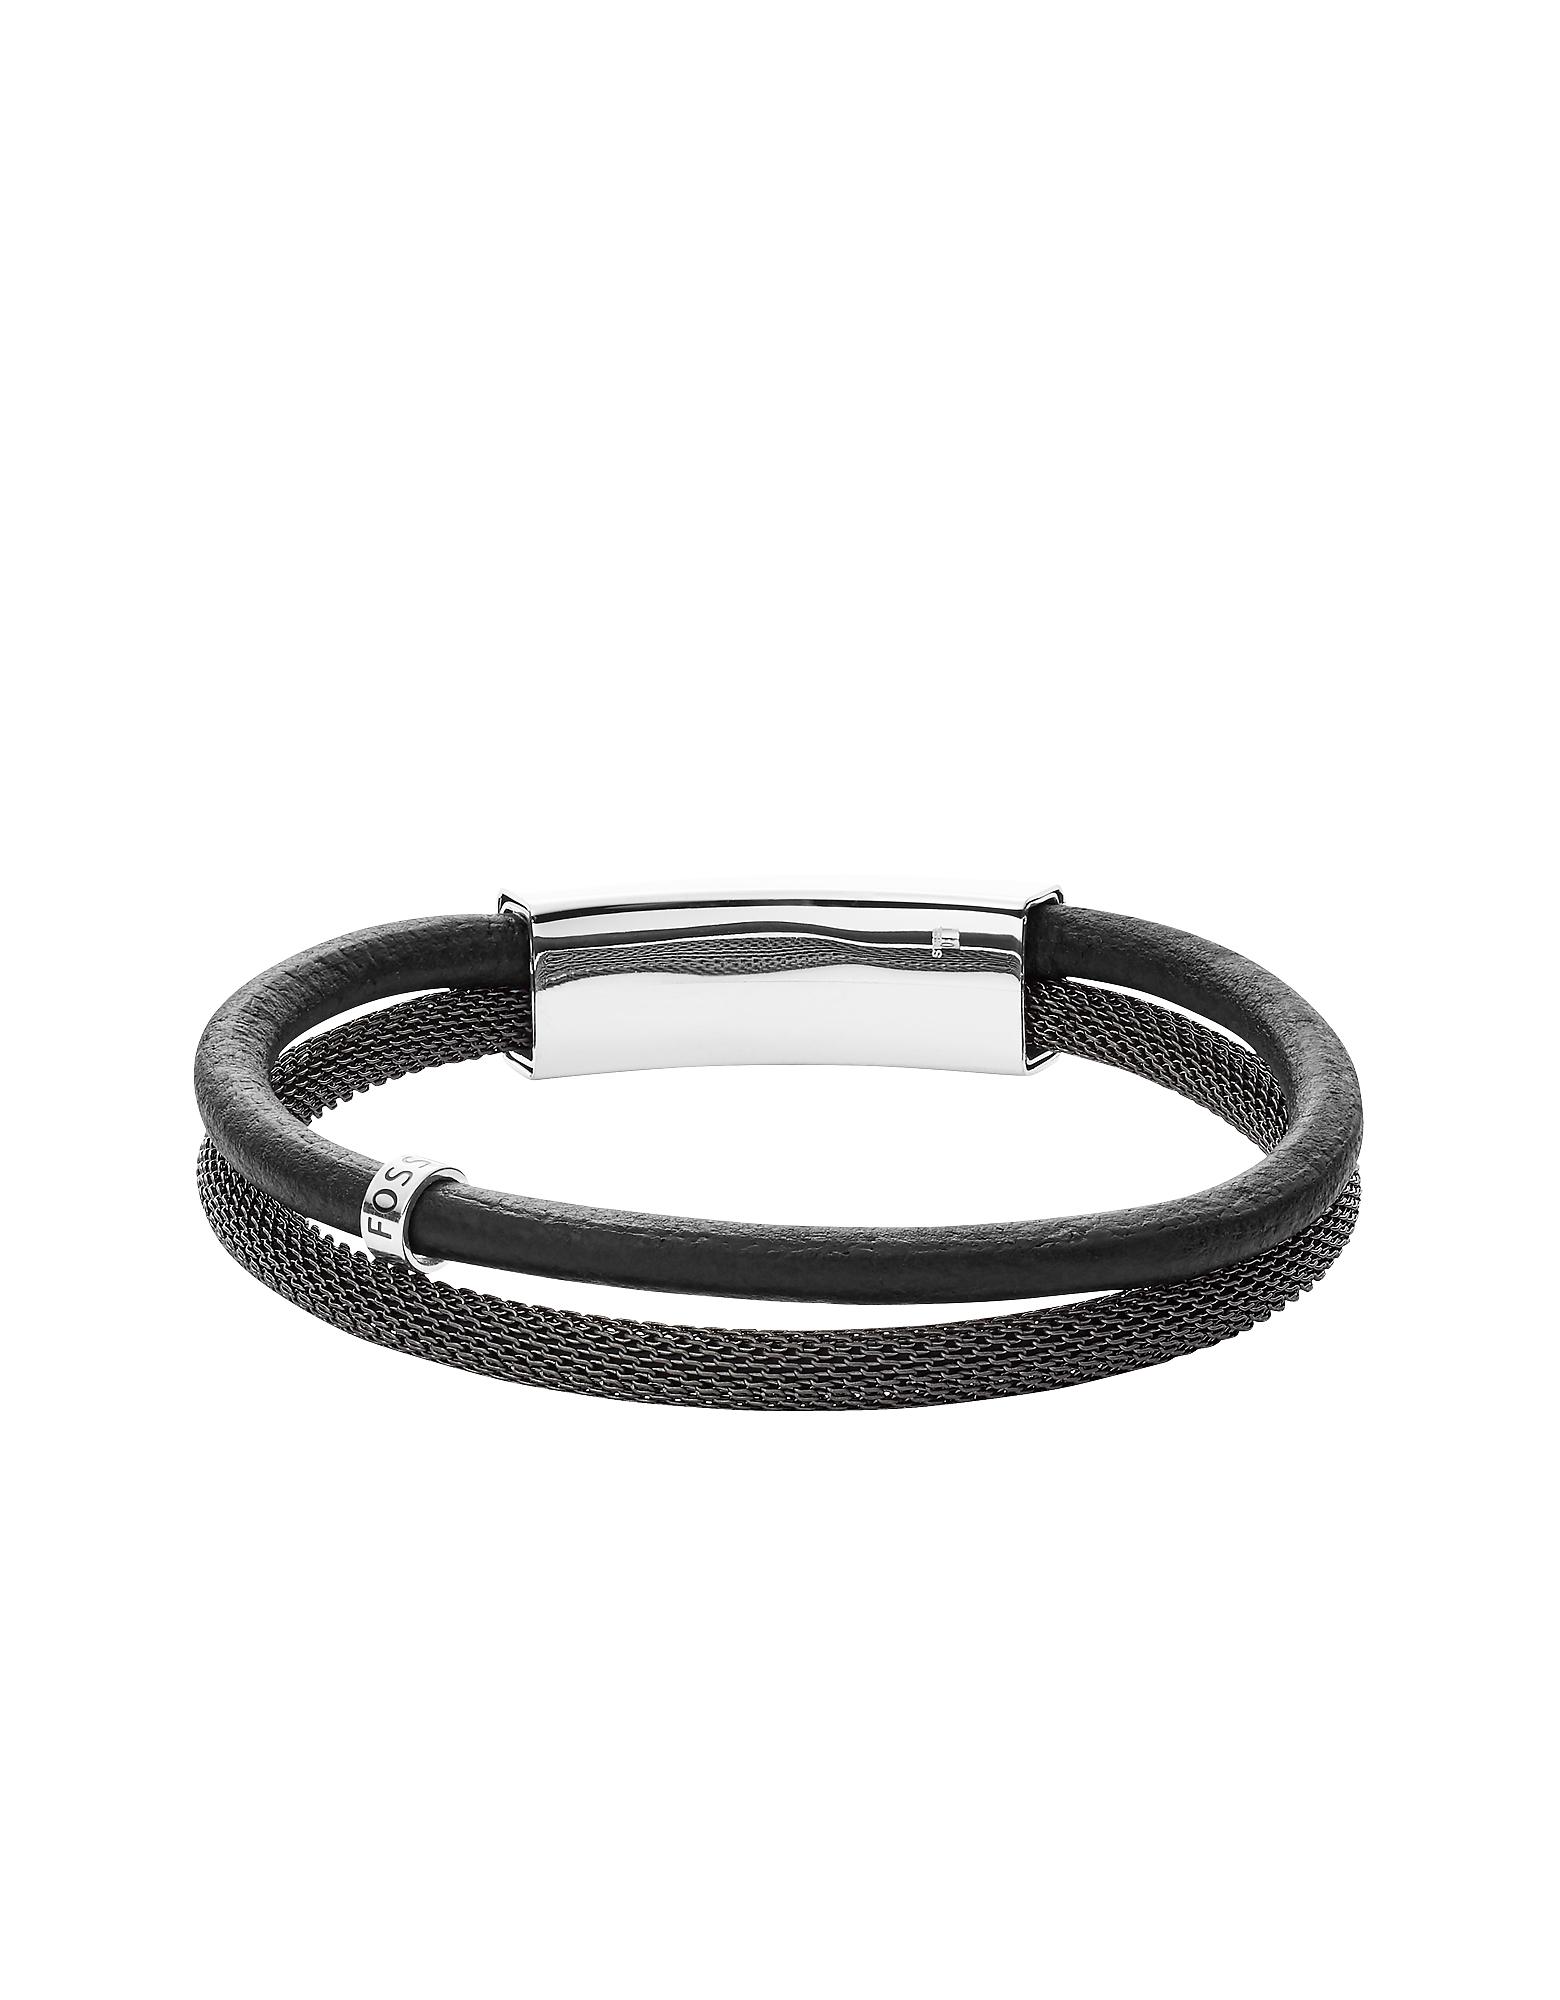 Men's Vintage Casual Gray Leather Double Bracelet